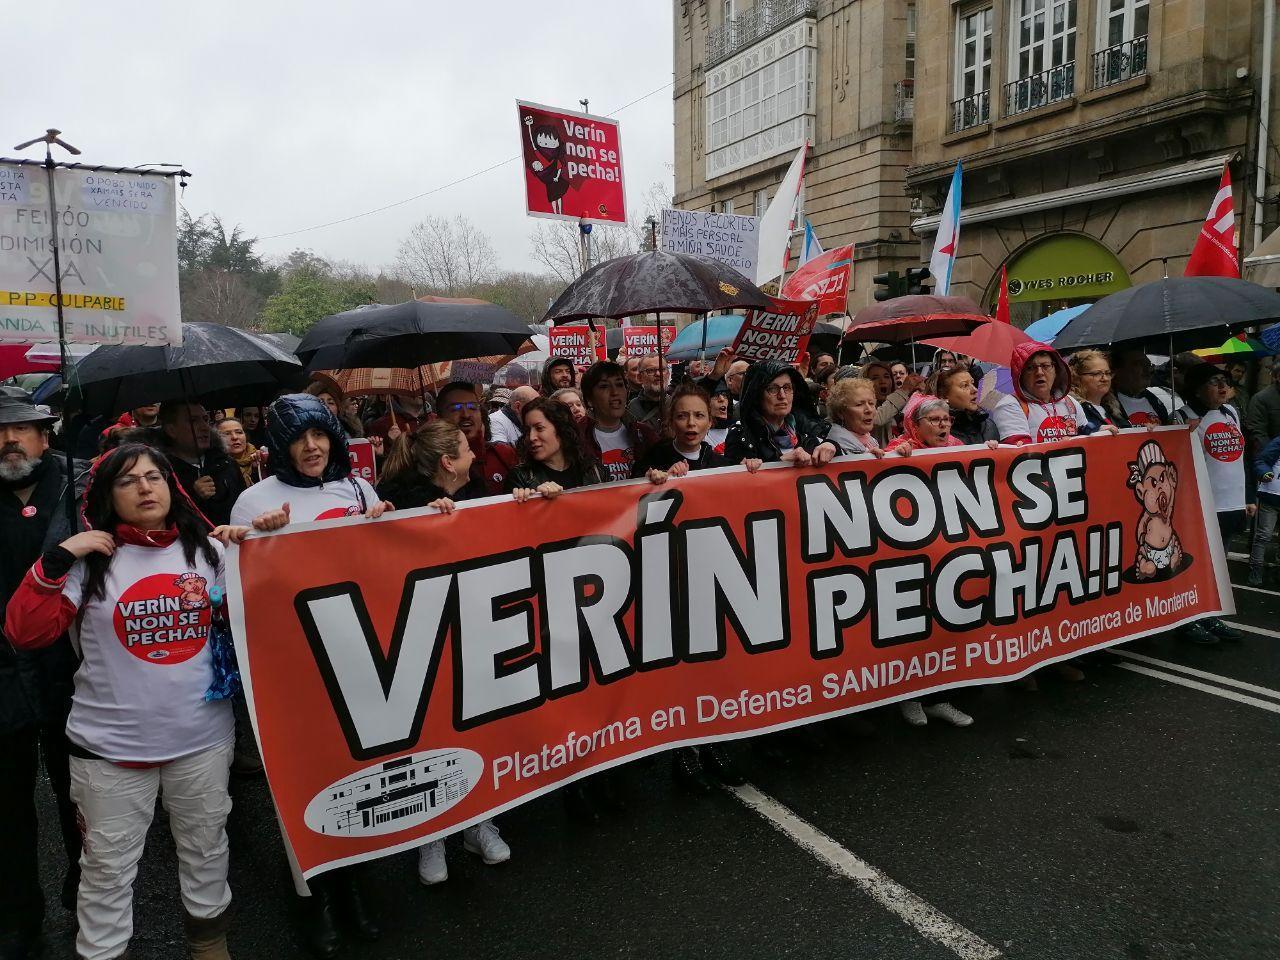 Pancartas contra o peche do paridoiro de Verín na manifestación pola sanidade pública en Santiago